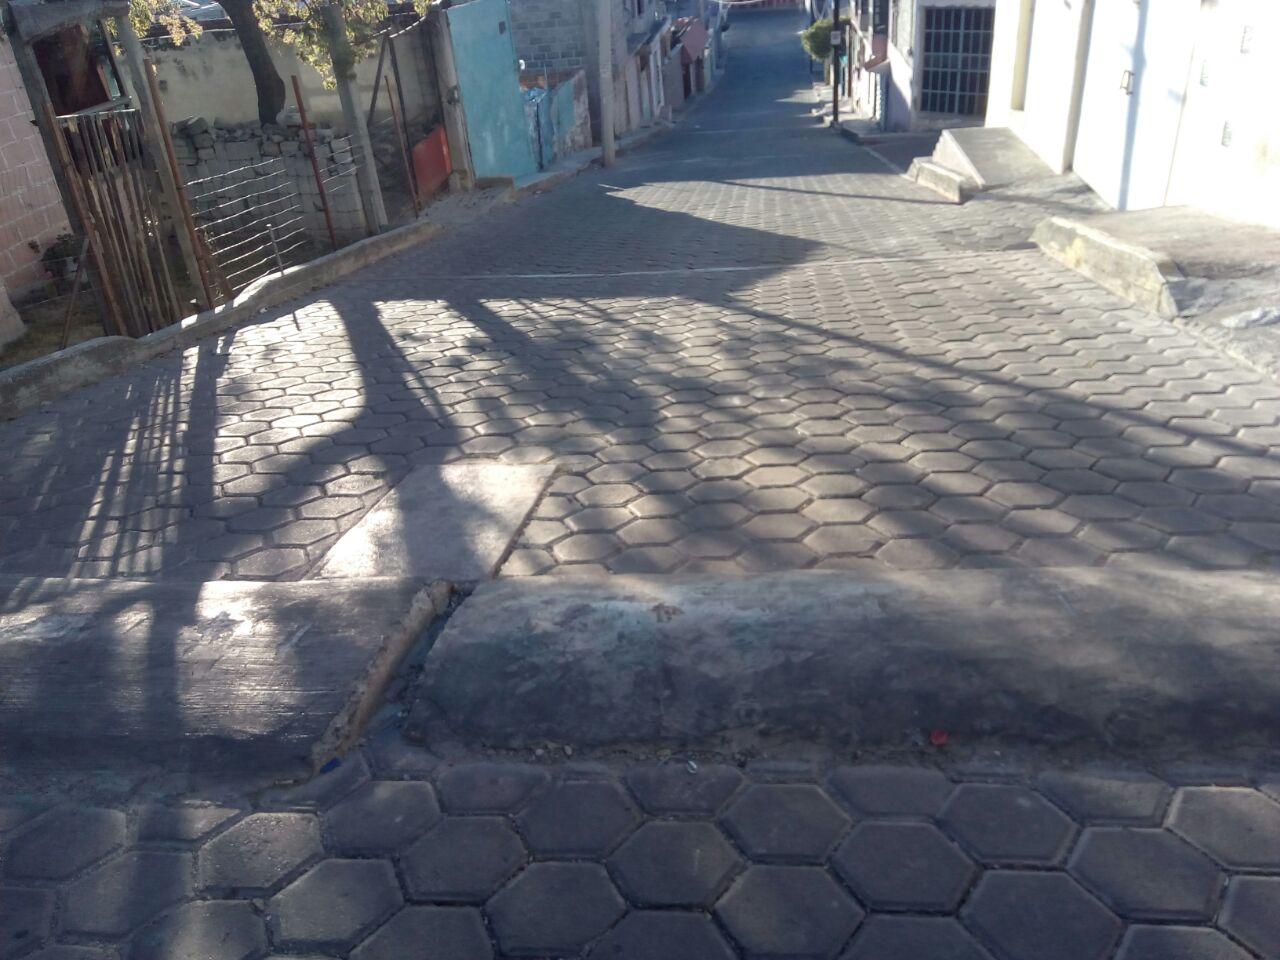 Pobladores piden que rectifiquen tope que parece barda en Totolac